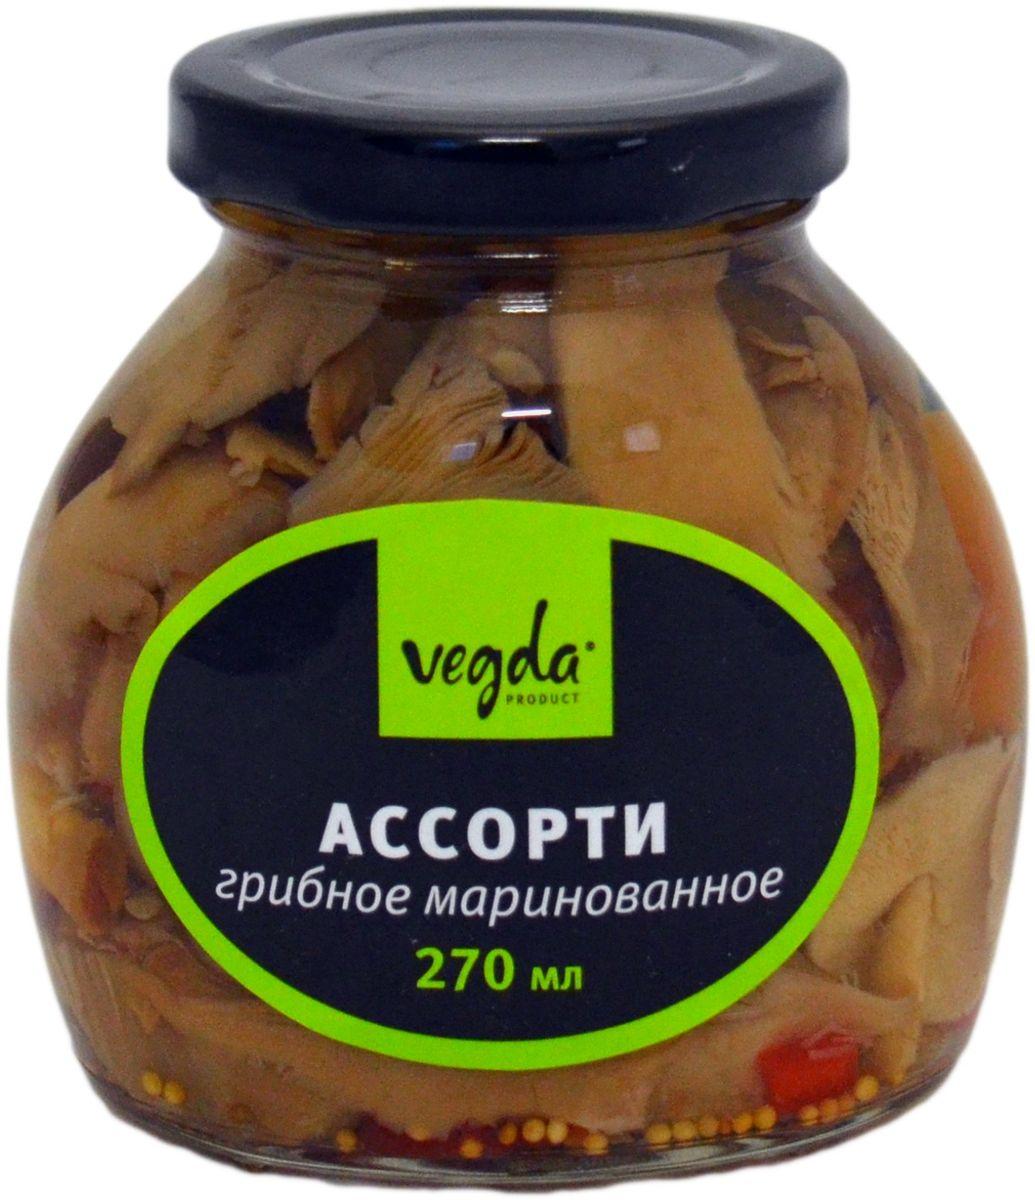 Vegda ассорти грибное маринованное, 270 мл4607045600101Продукт изготовлен из высококачественных ингредиентов, по современным технологиям